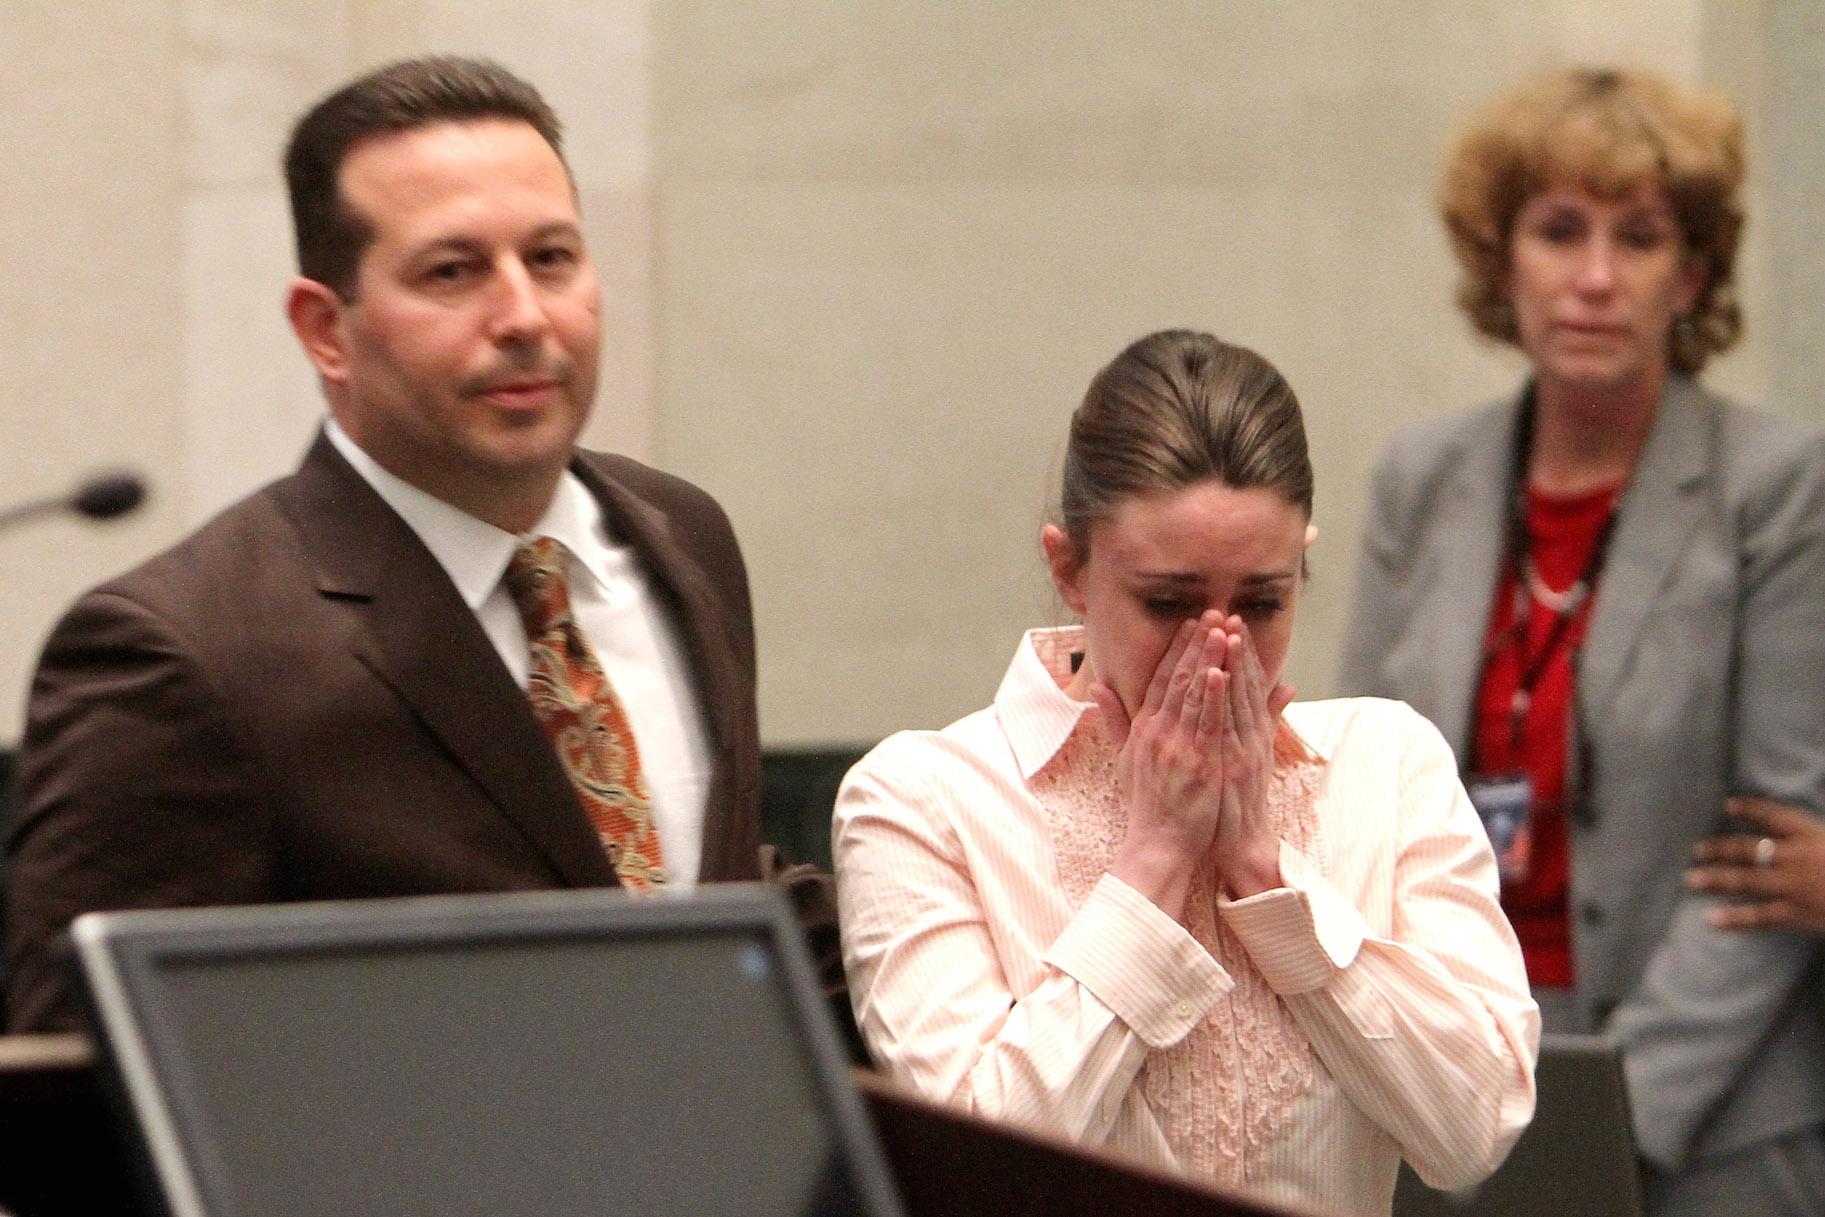 אנליסט התנהגות פלילי בוחן מדוע קייסי אנתוני אולי שכב במהלך החקירה